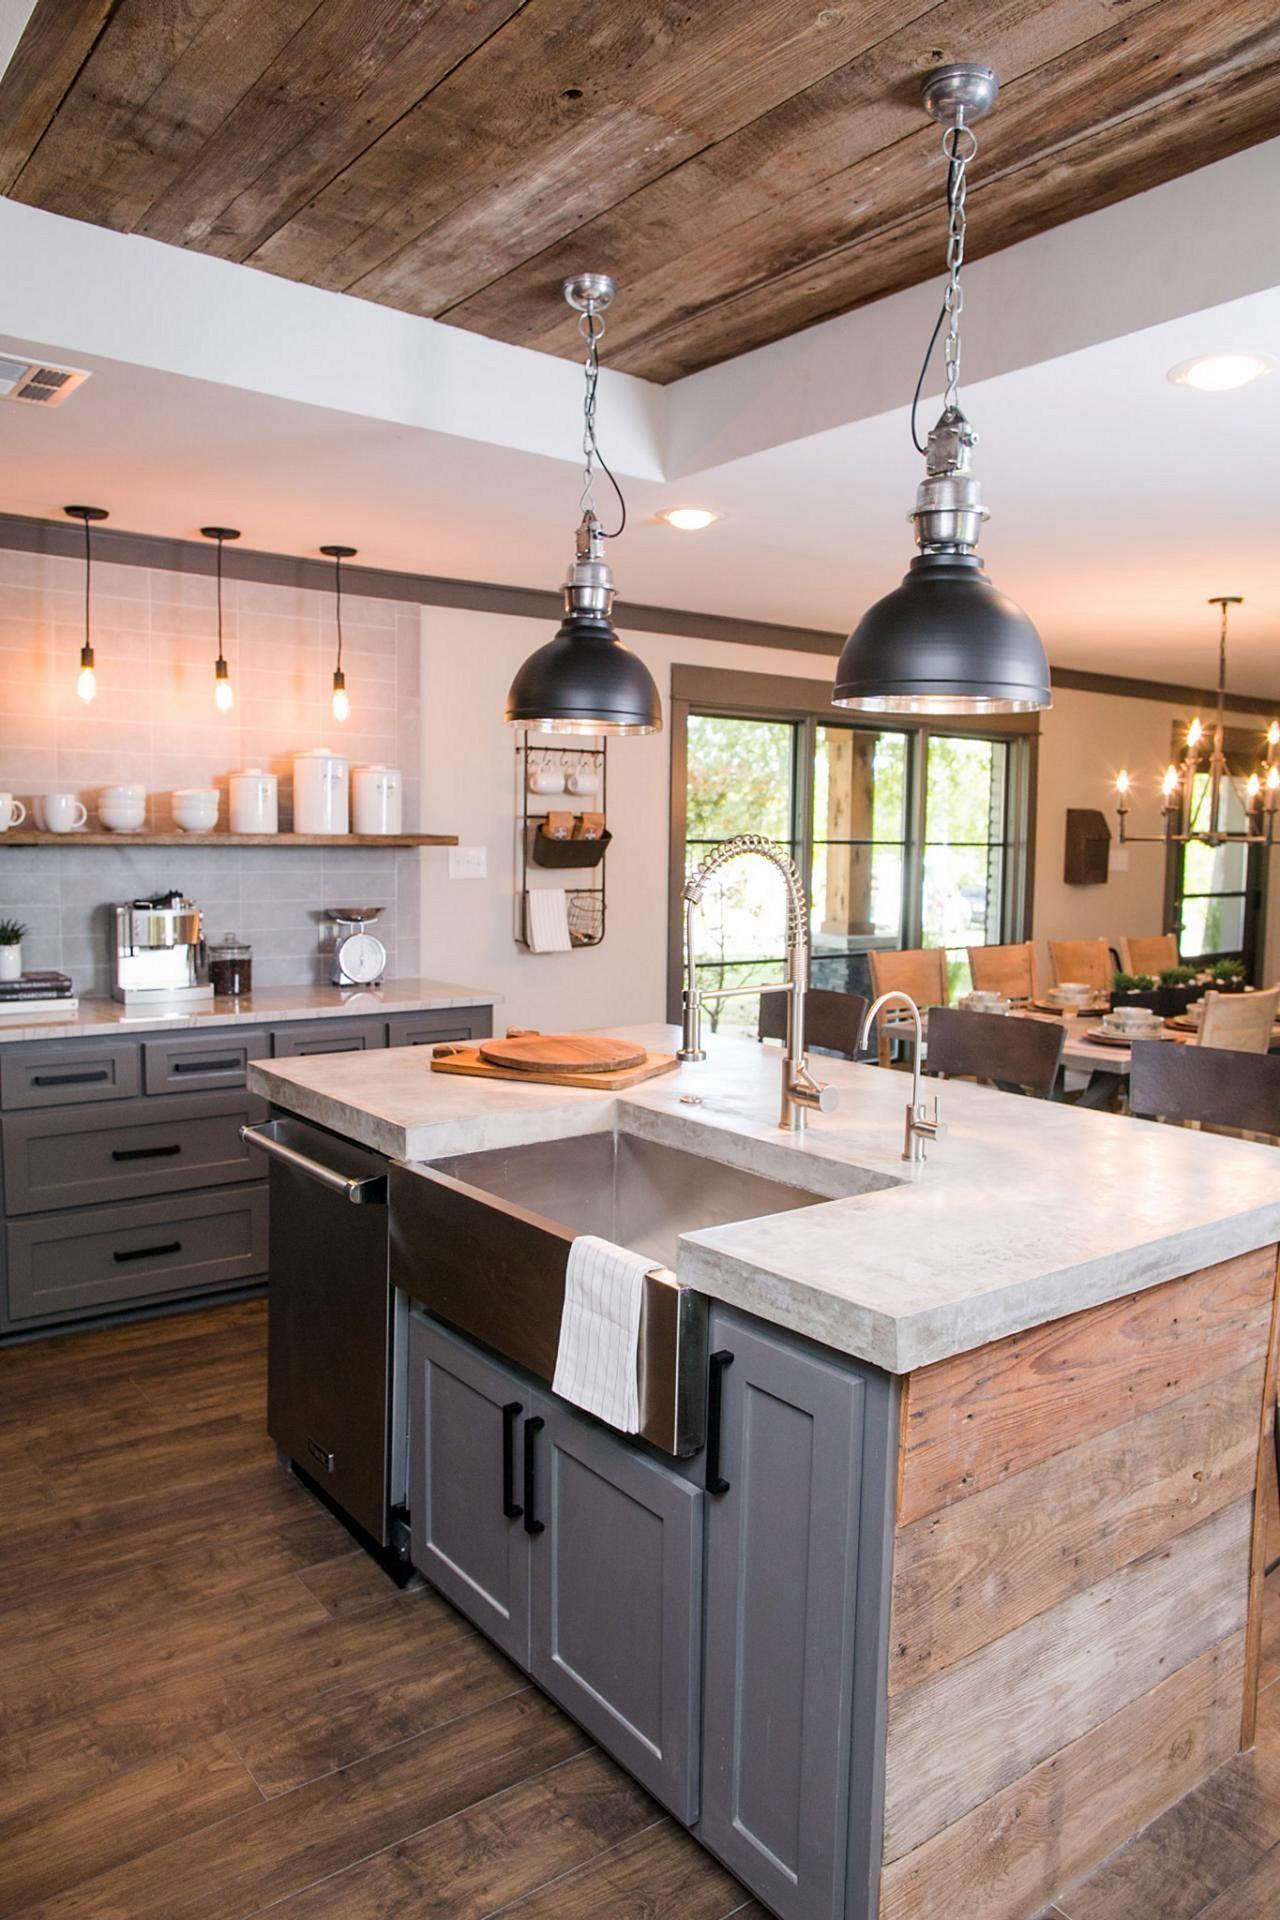 34 beautiful modern farmhouse kitchen sink designs kitchen sink rh pinterest ch Country Kitchen Traditional Kitchen Design Country Kitchen Designs HGTV